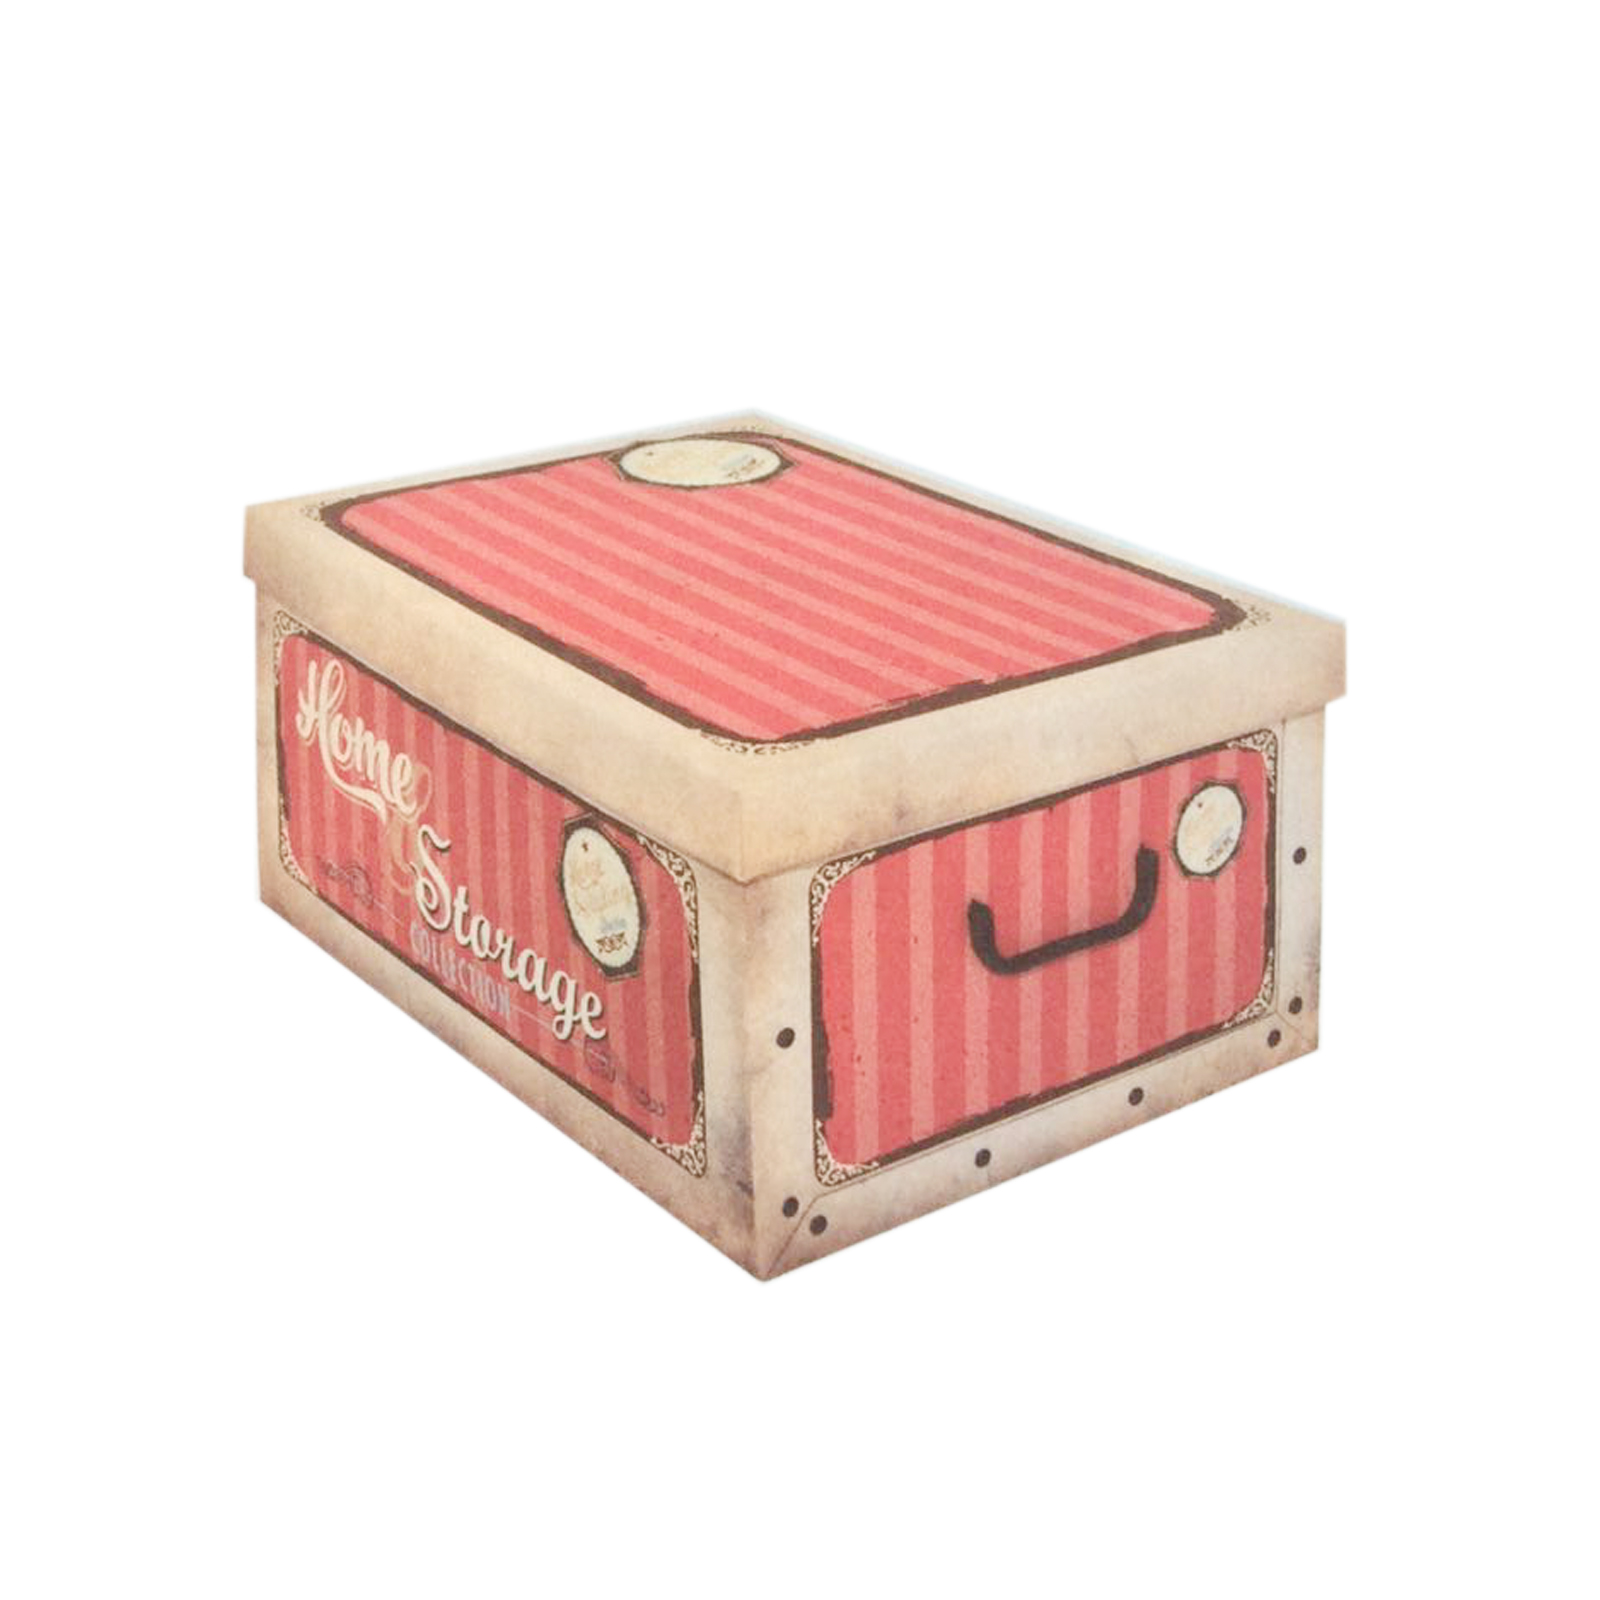 faltbare aufbewahrungstruhe aufbewahrungsbox truhe box mit deckel aufbewahrung ebay. Black Bedroom Furniture Sets. Home Design Ideas